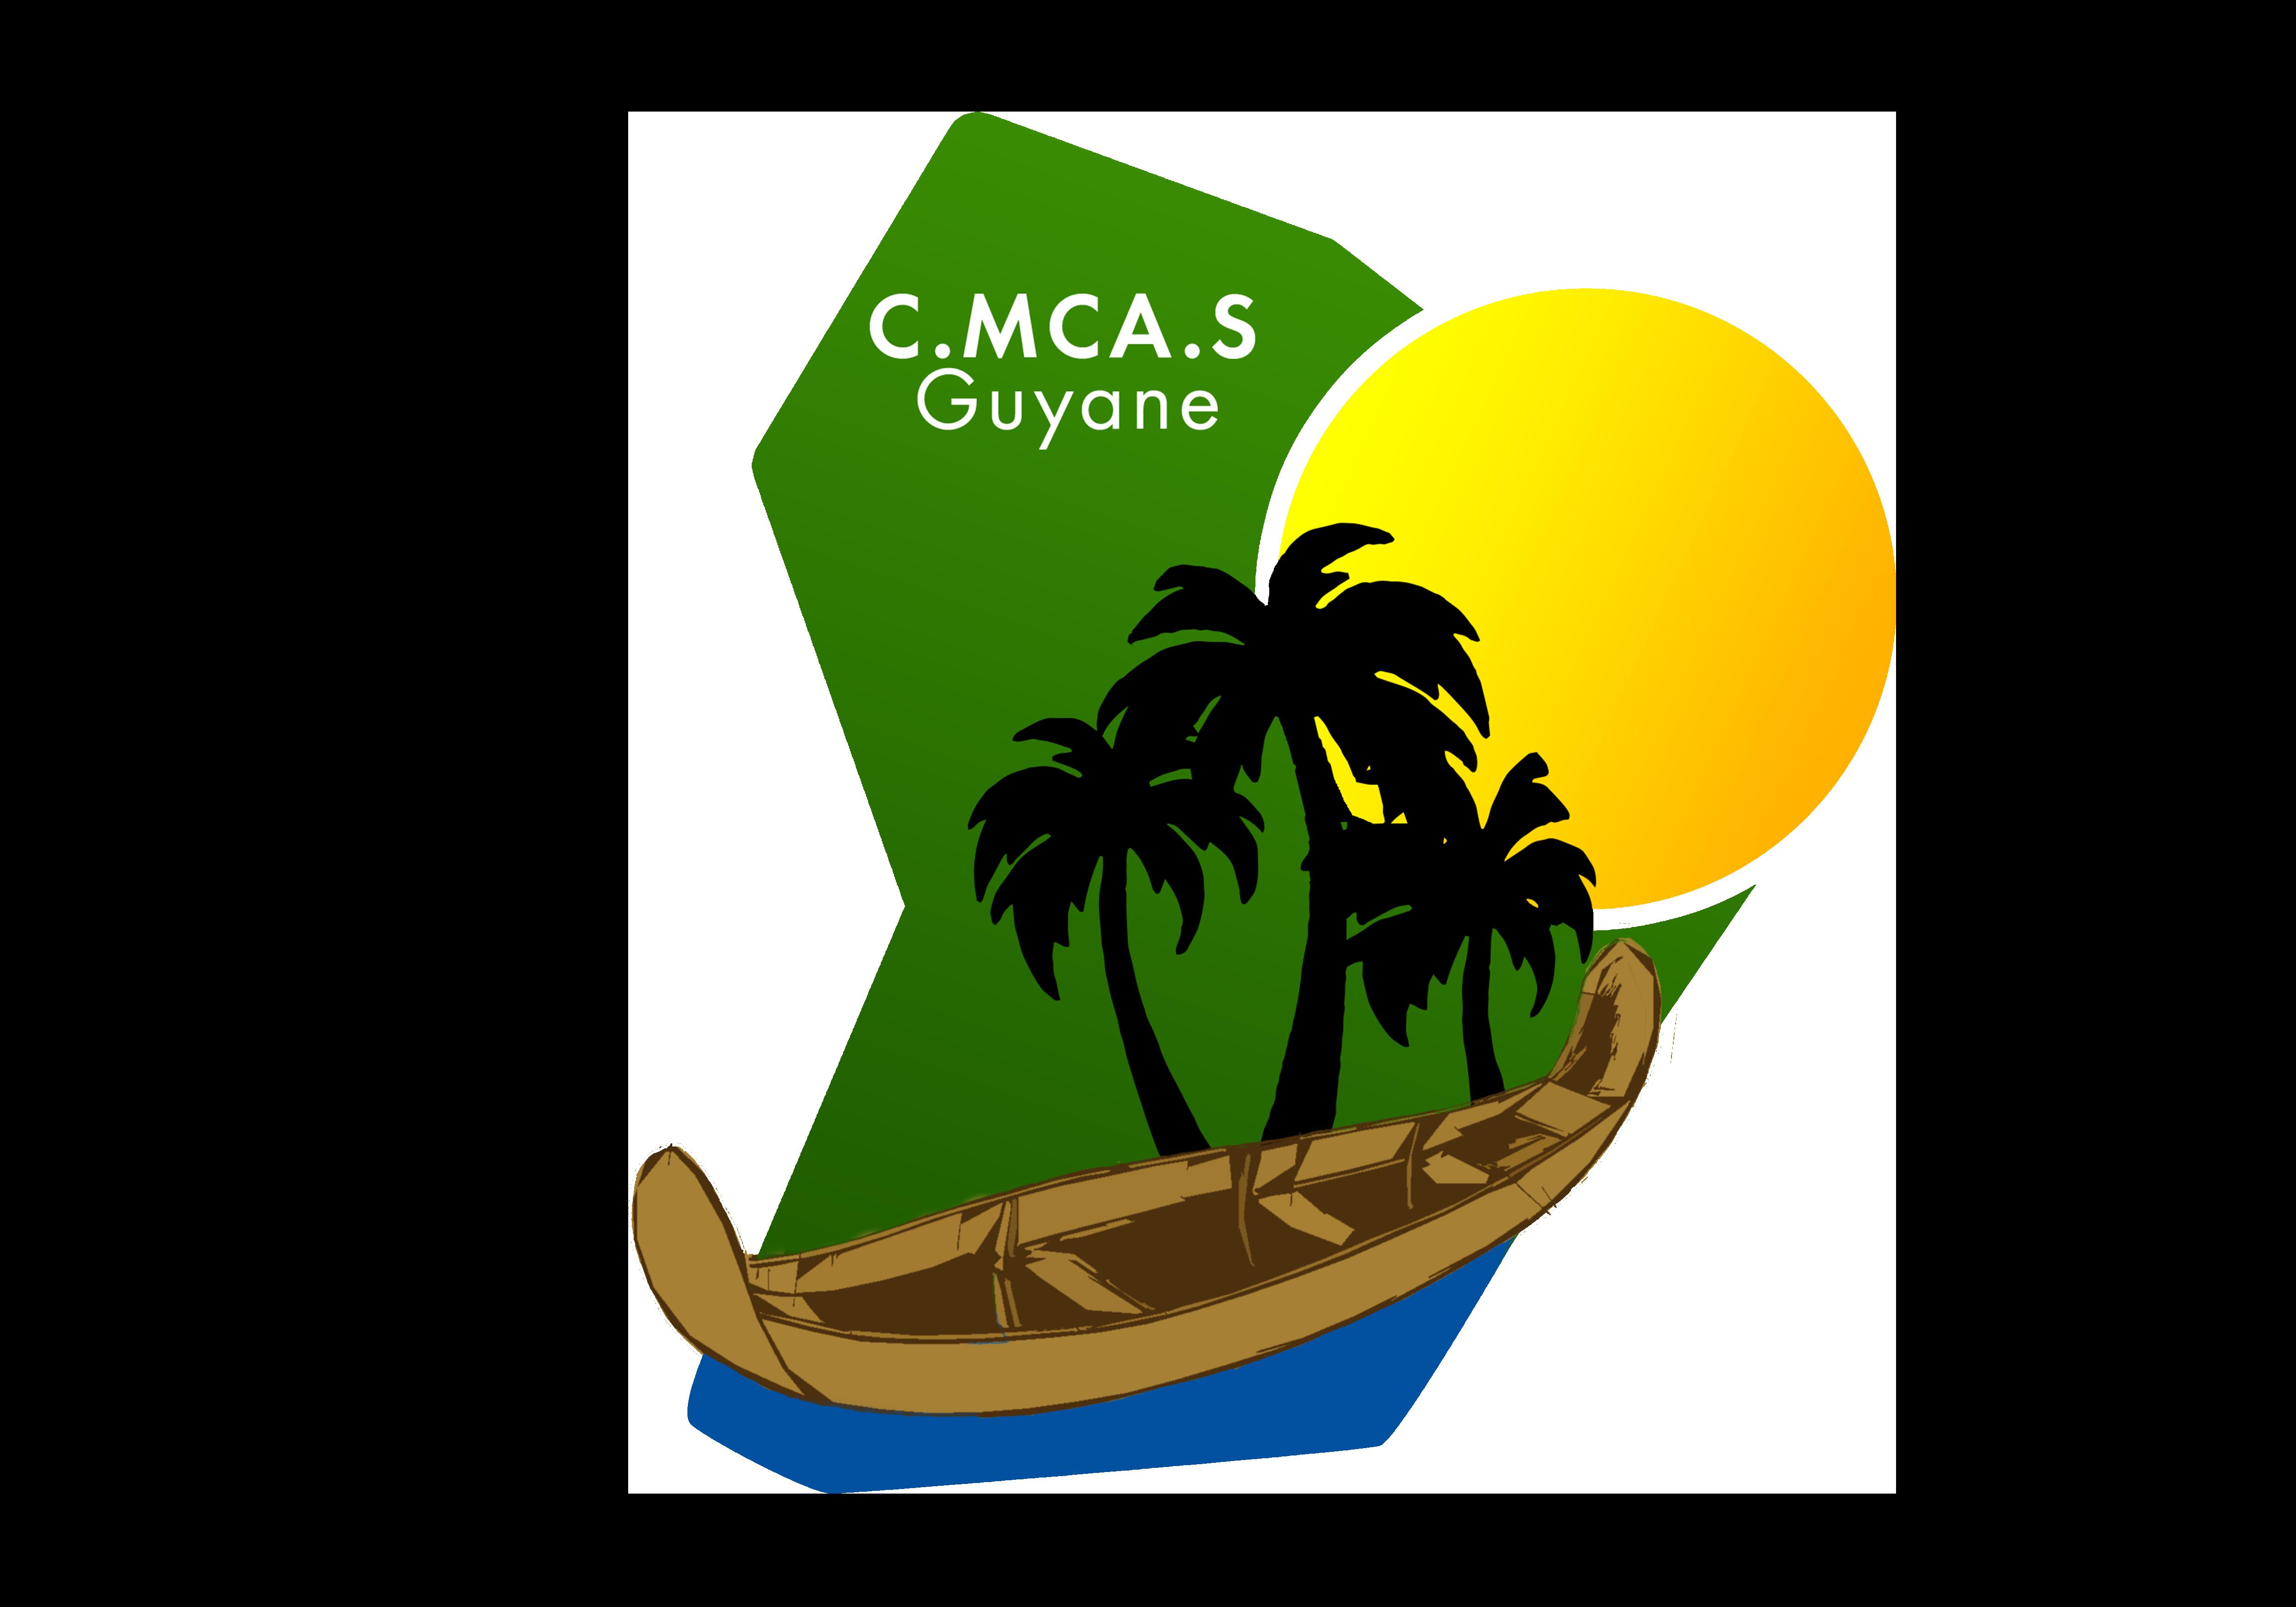 CMCAS de Guyane